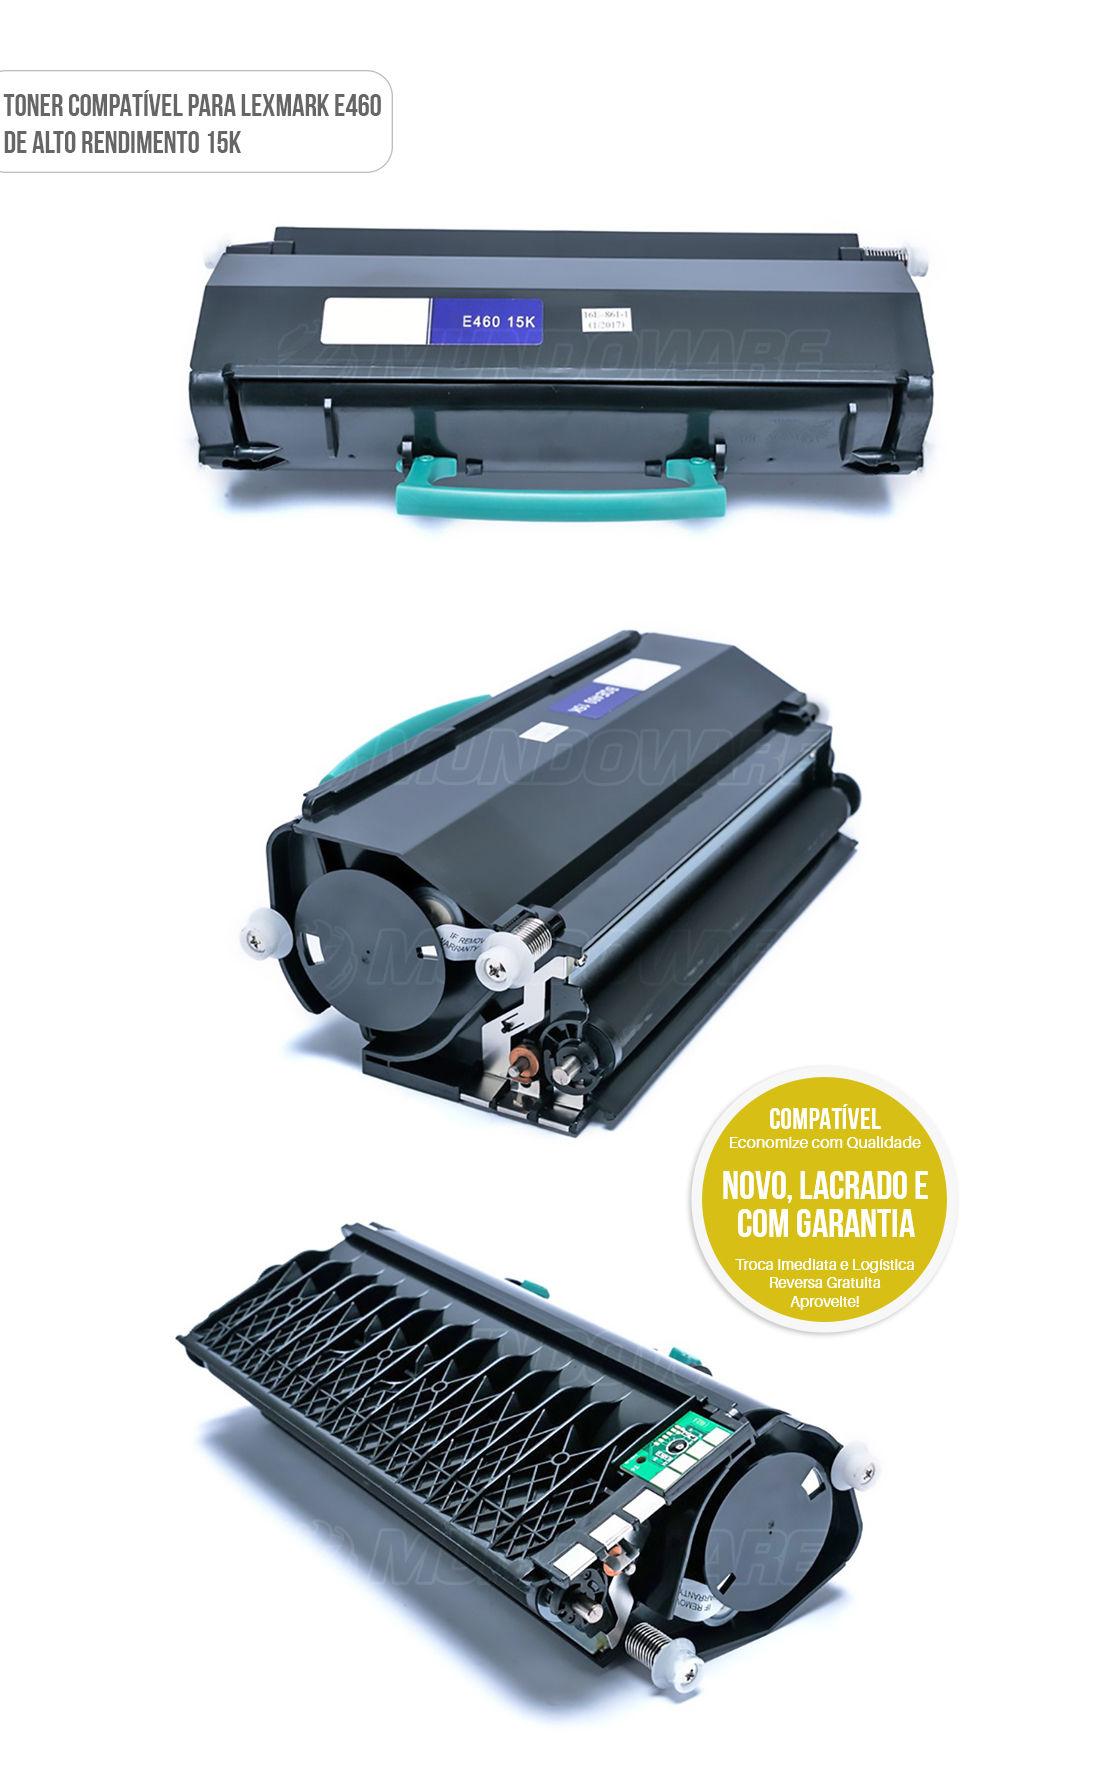 Toner compatível para impressora lexmark modelo E460 E460D E460DN E-460 E-460D E-460DN de alto rendimento 15.000 impressões